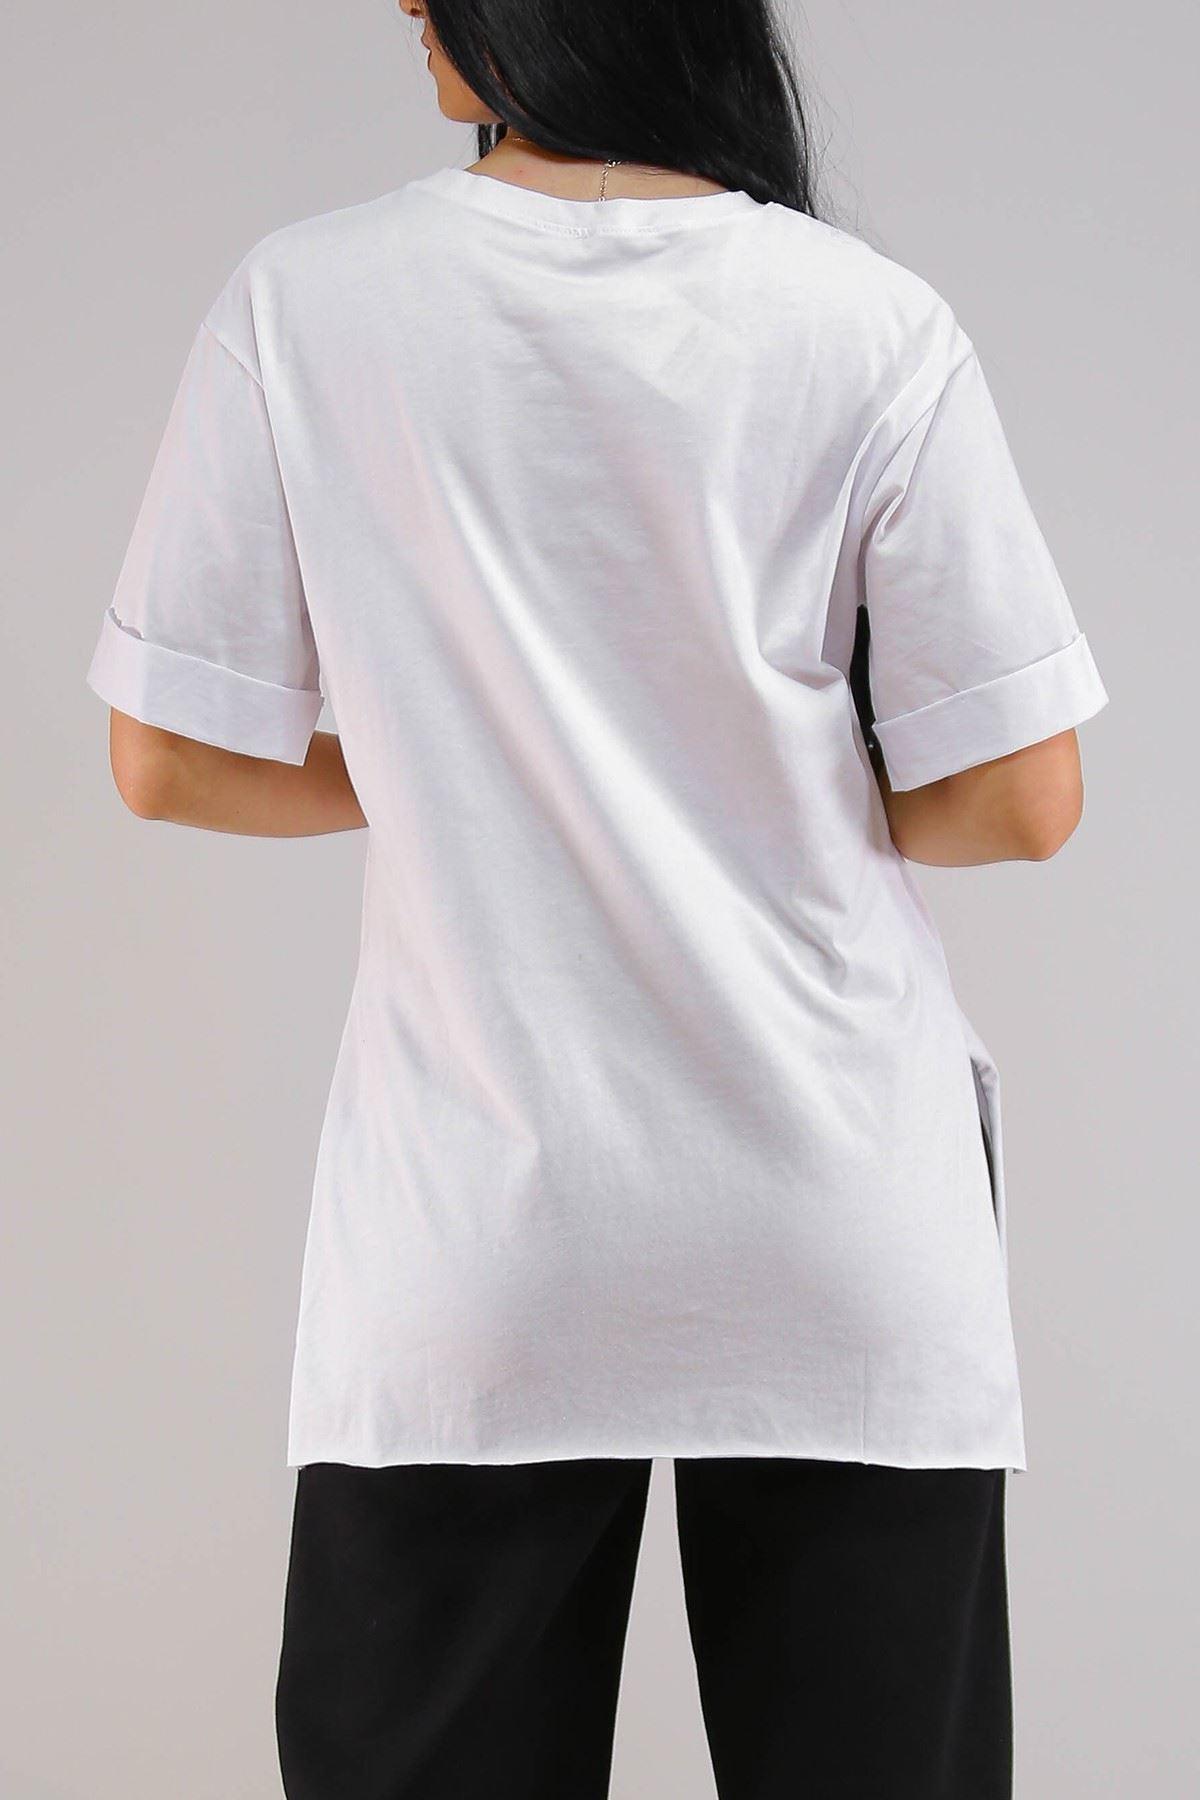 Duble Kol Tişört Beyaz - 5270.1247.